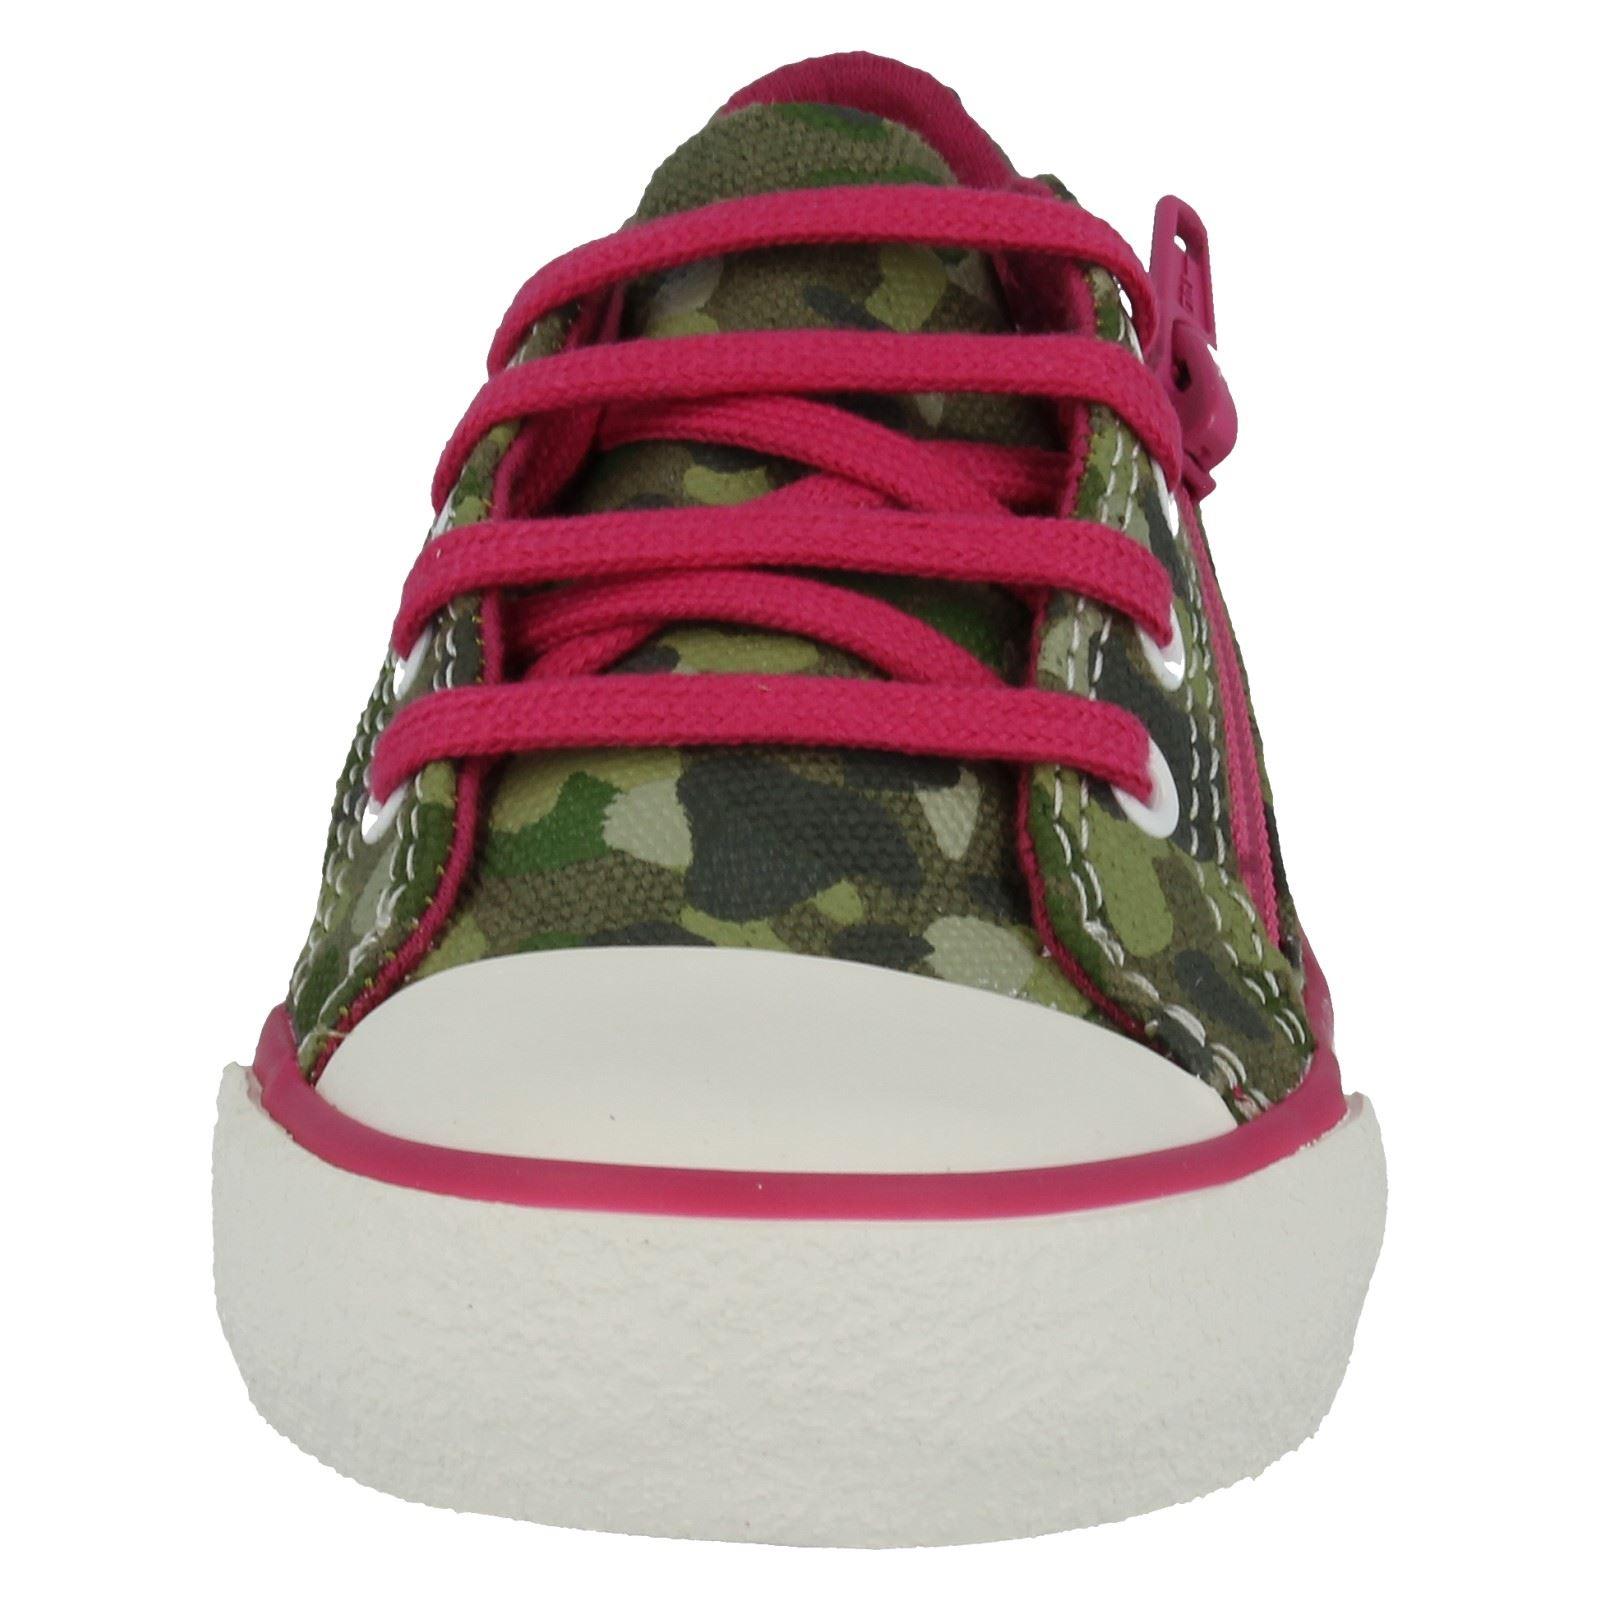 Chicas Zapatos Clarks el estilo-Top Juego